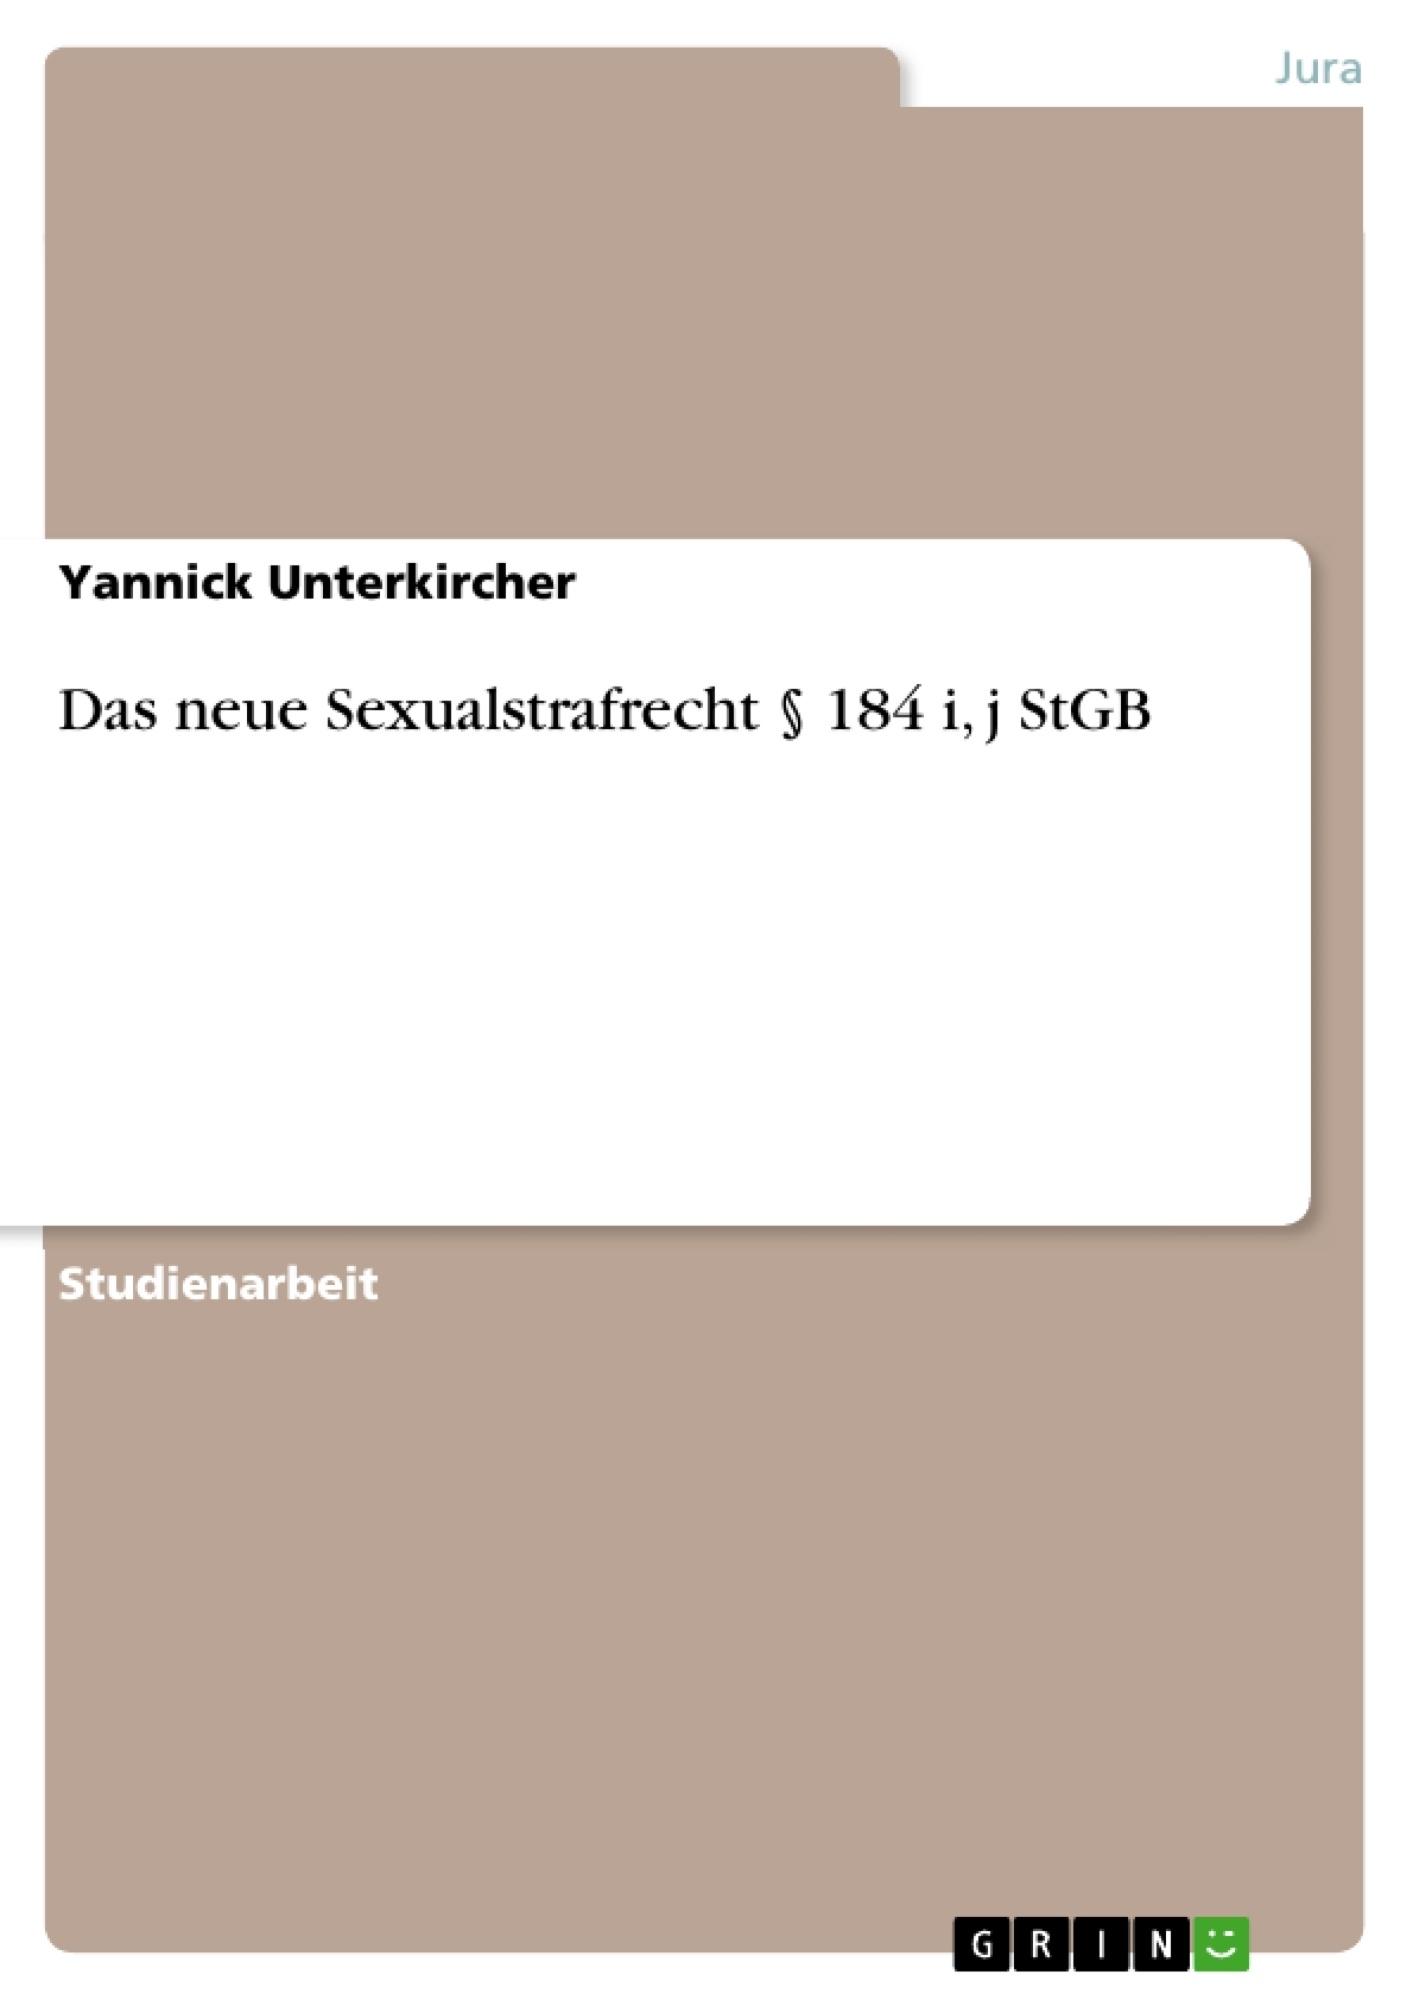 Titel: Das neue Sexualstrafrecht § 184 i, j StGB